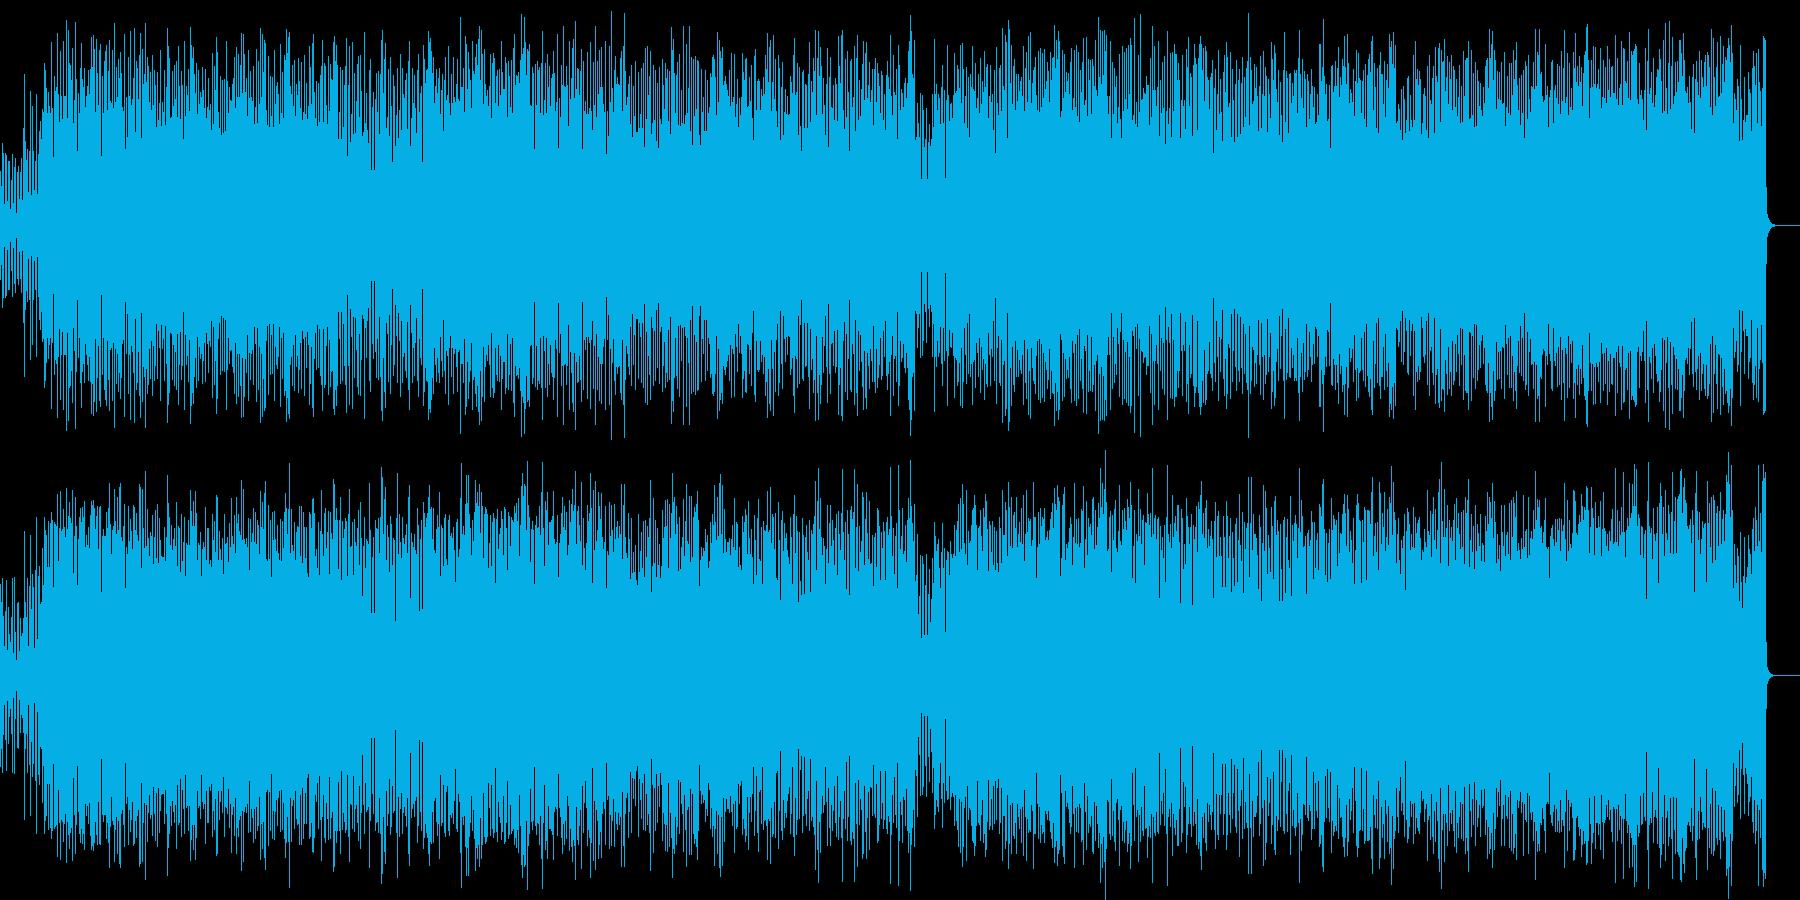 ファンキー スピード あやしい 報道の再生済みの波形